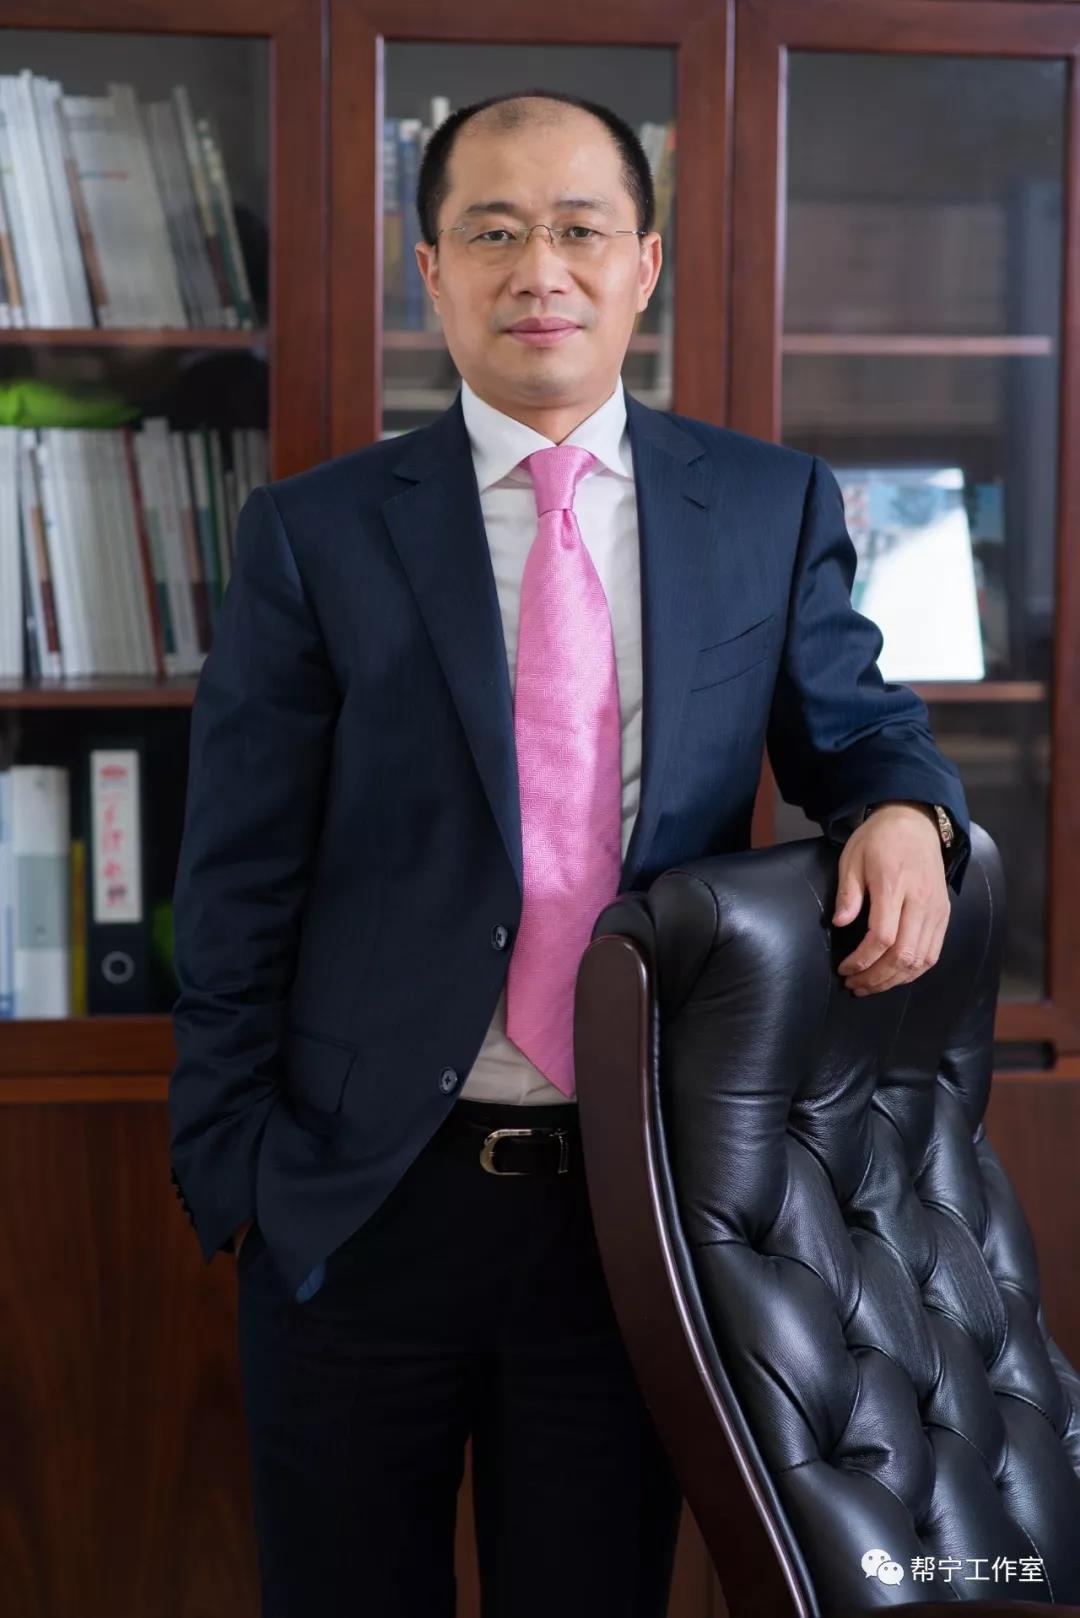 陈昊升任副总经理 将带领东风日产挑战合资品牌前三